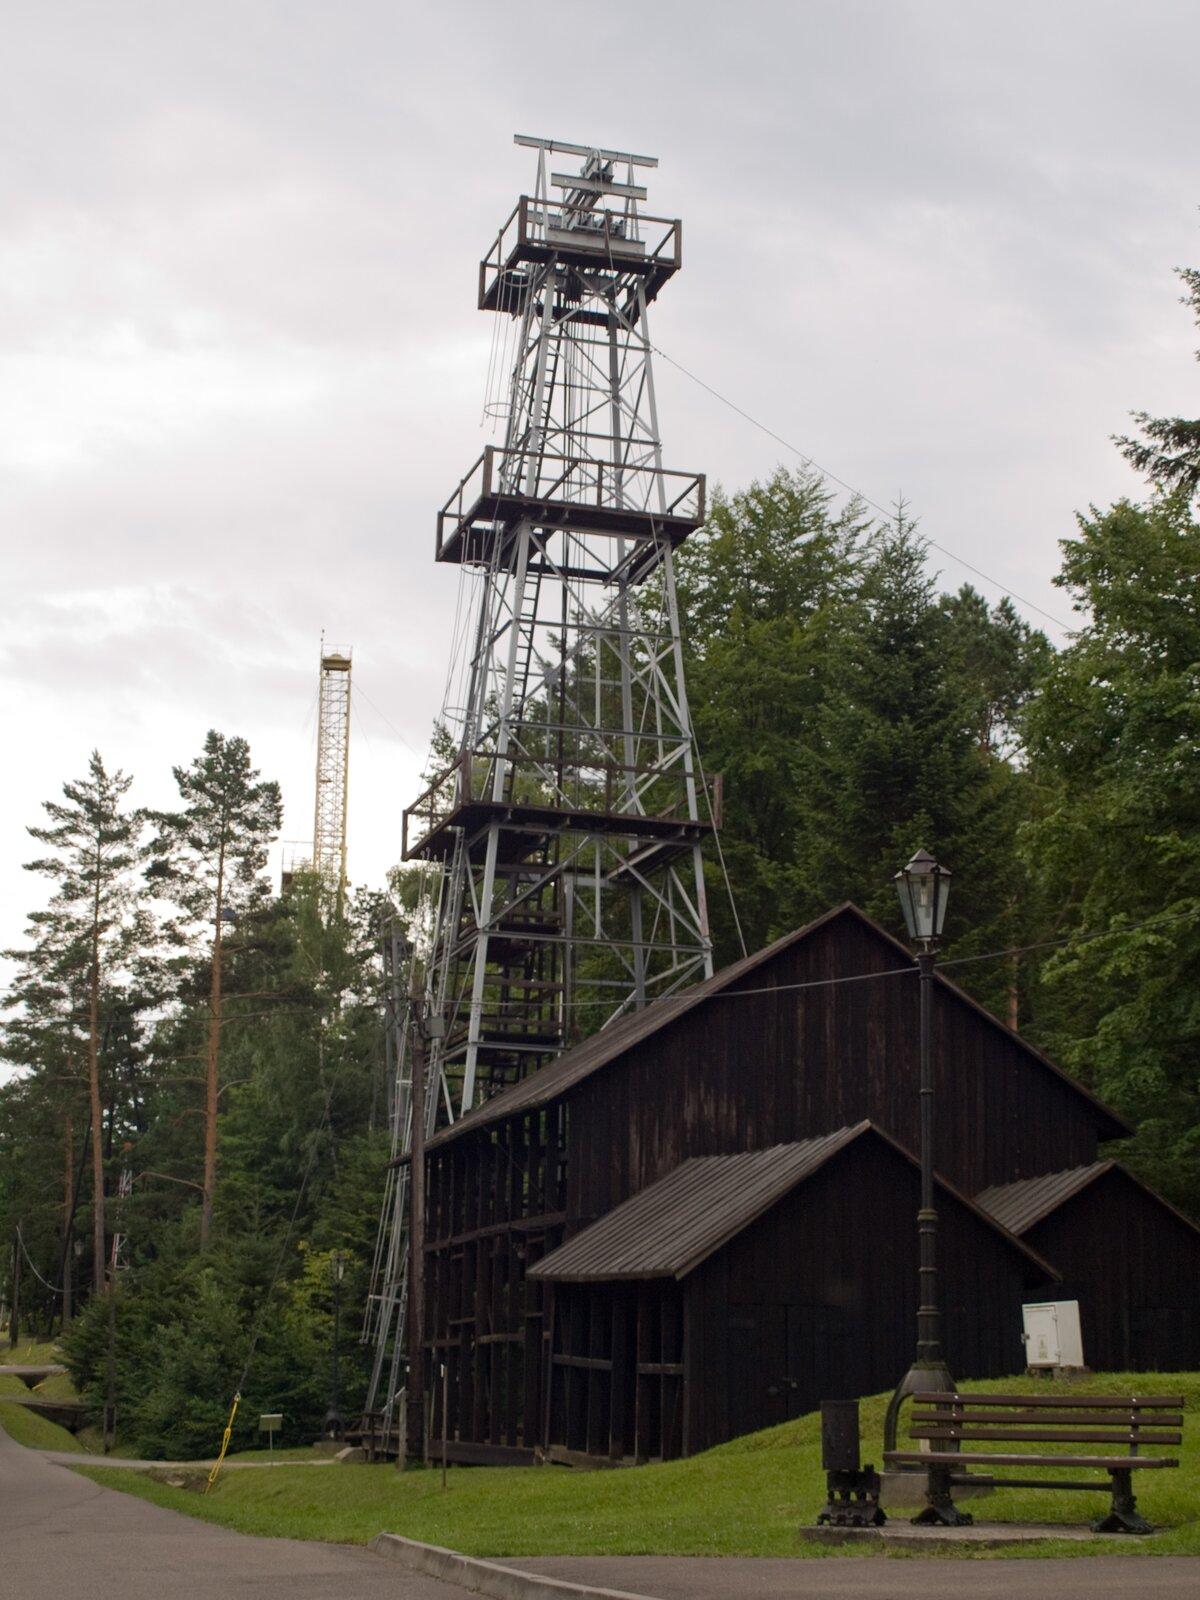 Muzeum Przemysłu, Źródło: Honza Groh, Muzeum Przemysłu, , 2011, licencja: CC BY-SA 3.0.